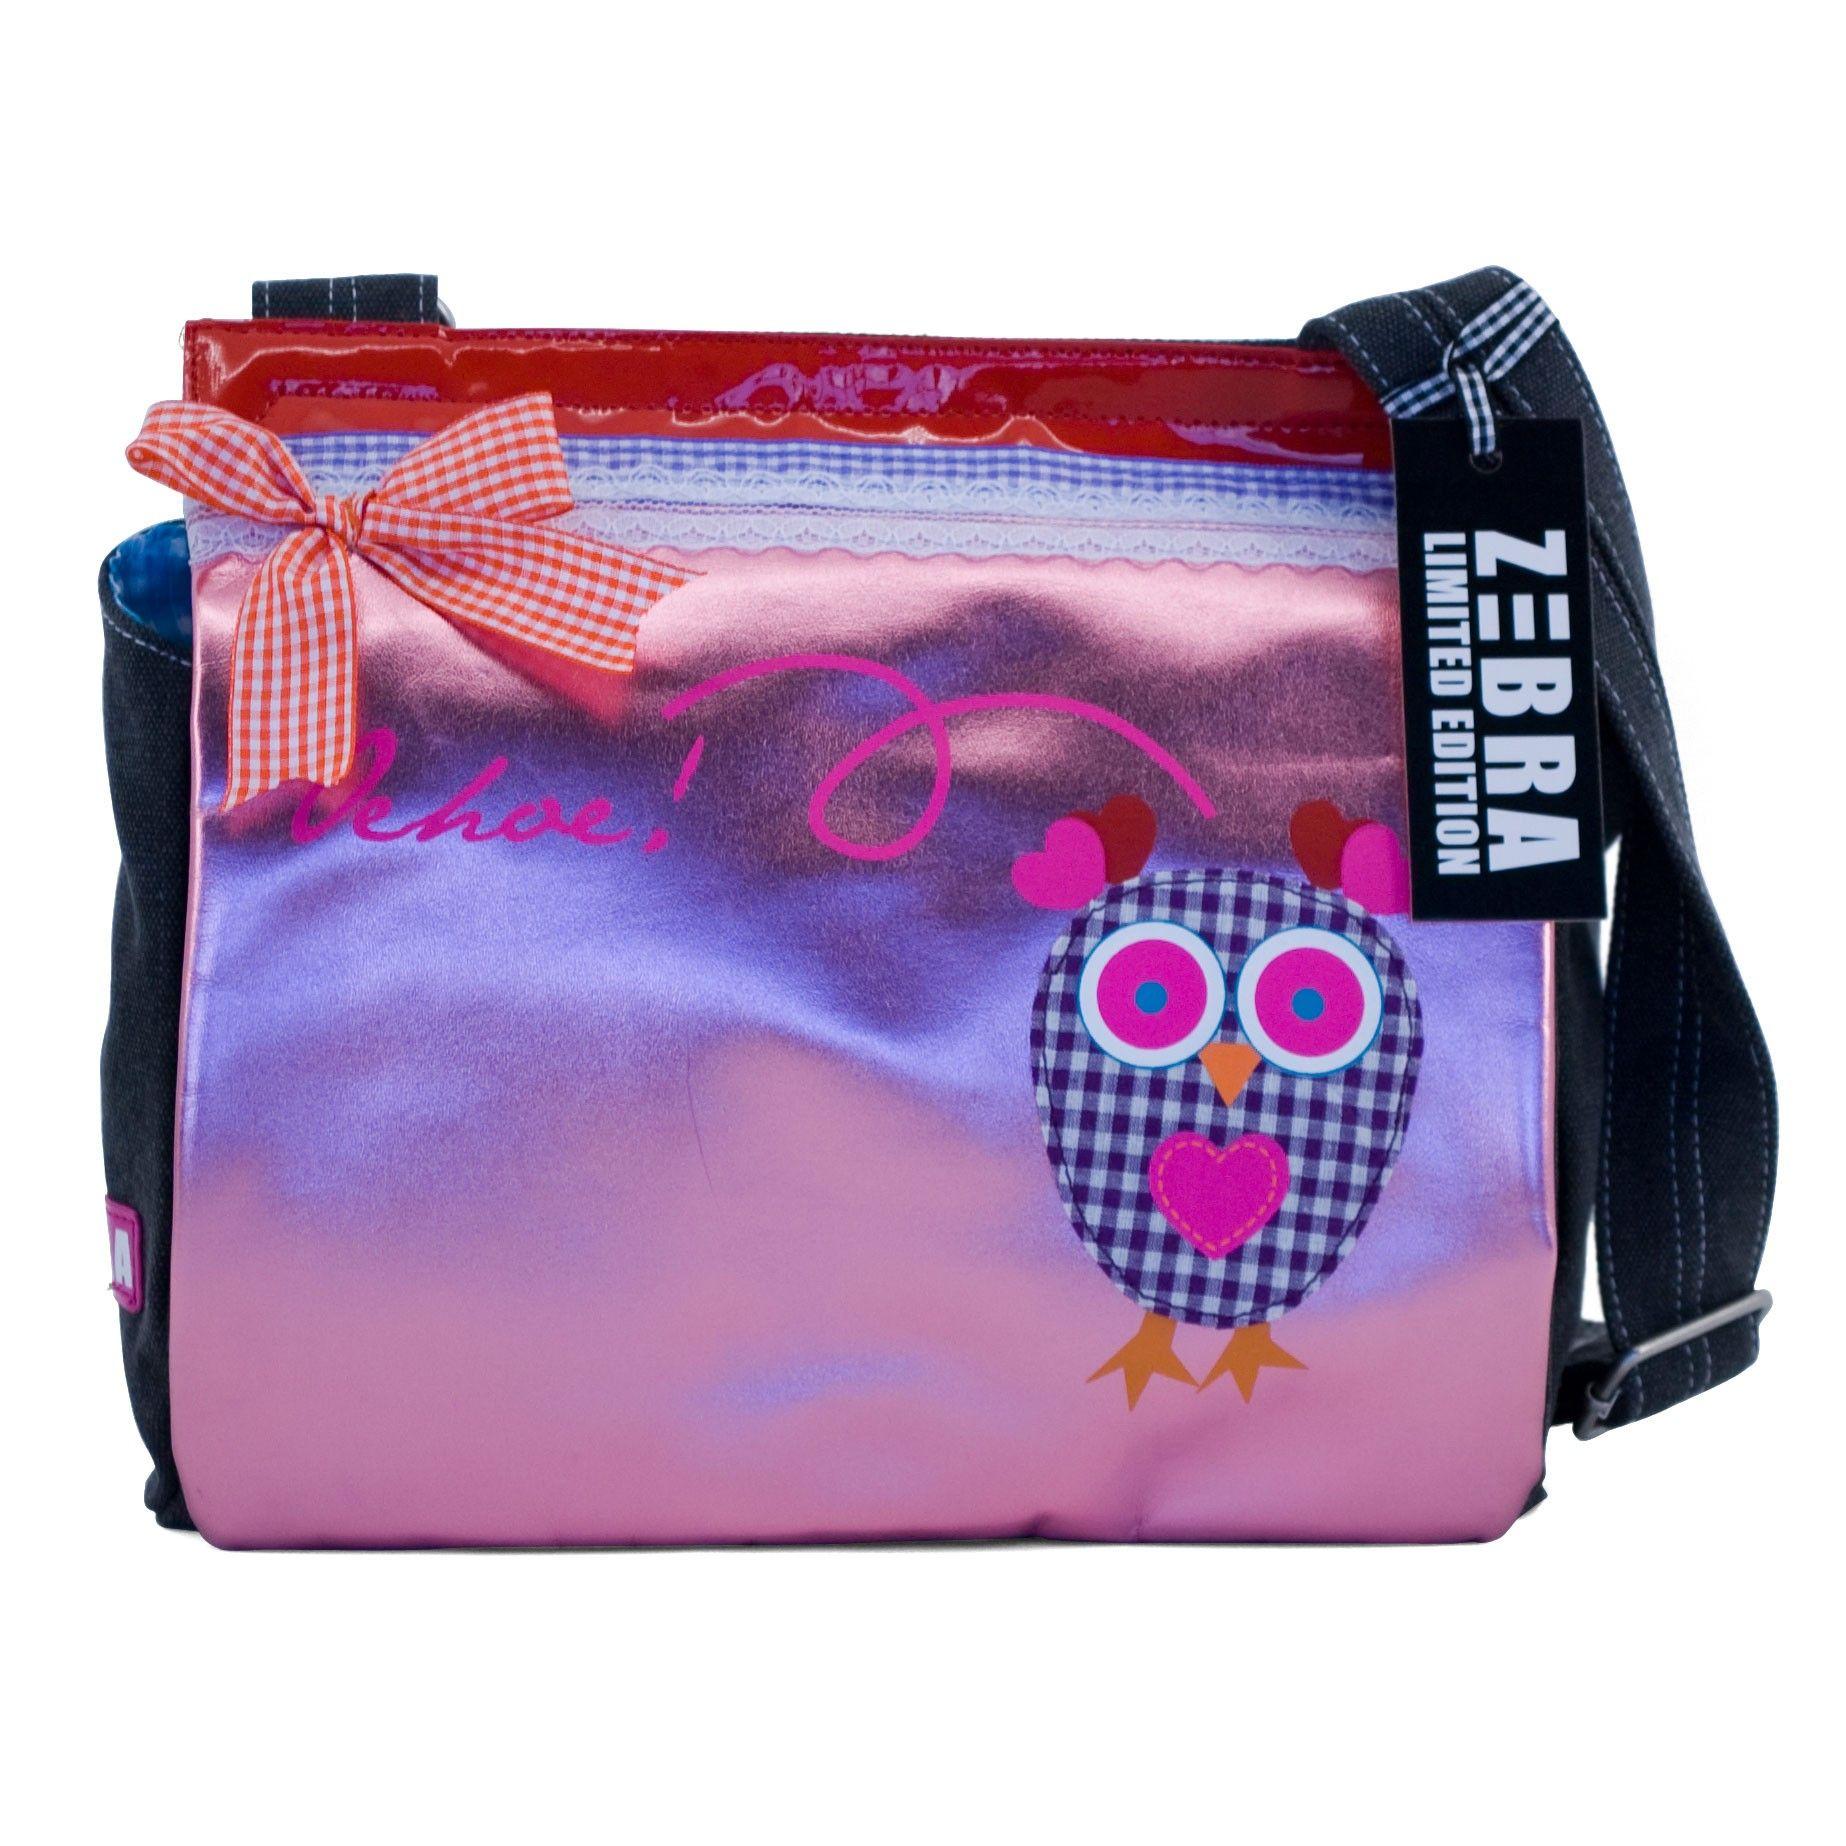 Neon Roze Schoudertas : Deze roze schoudertas met uil erop van het merk zebra